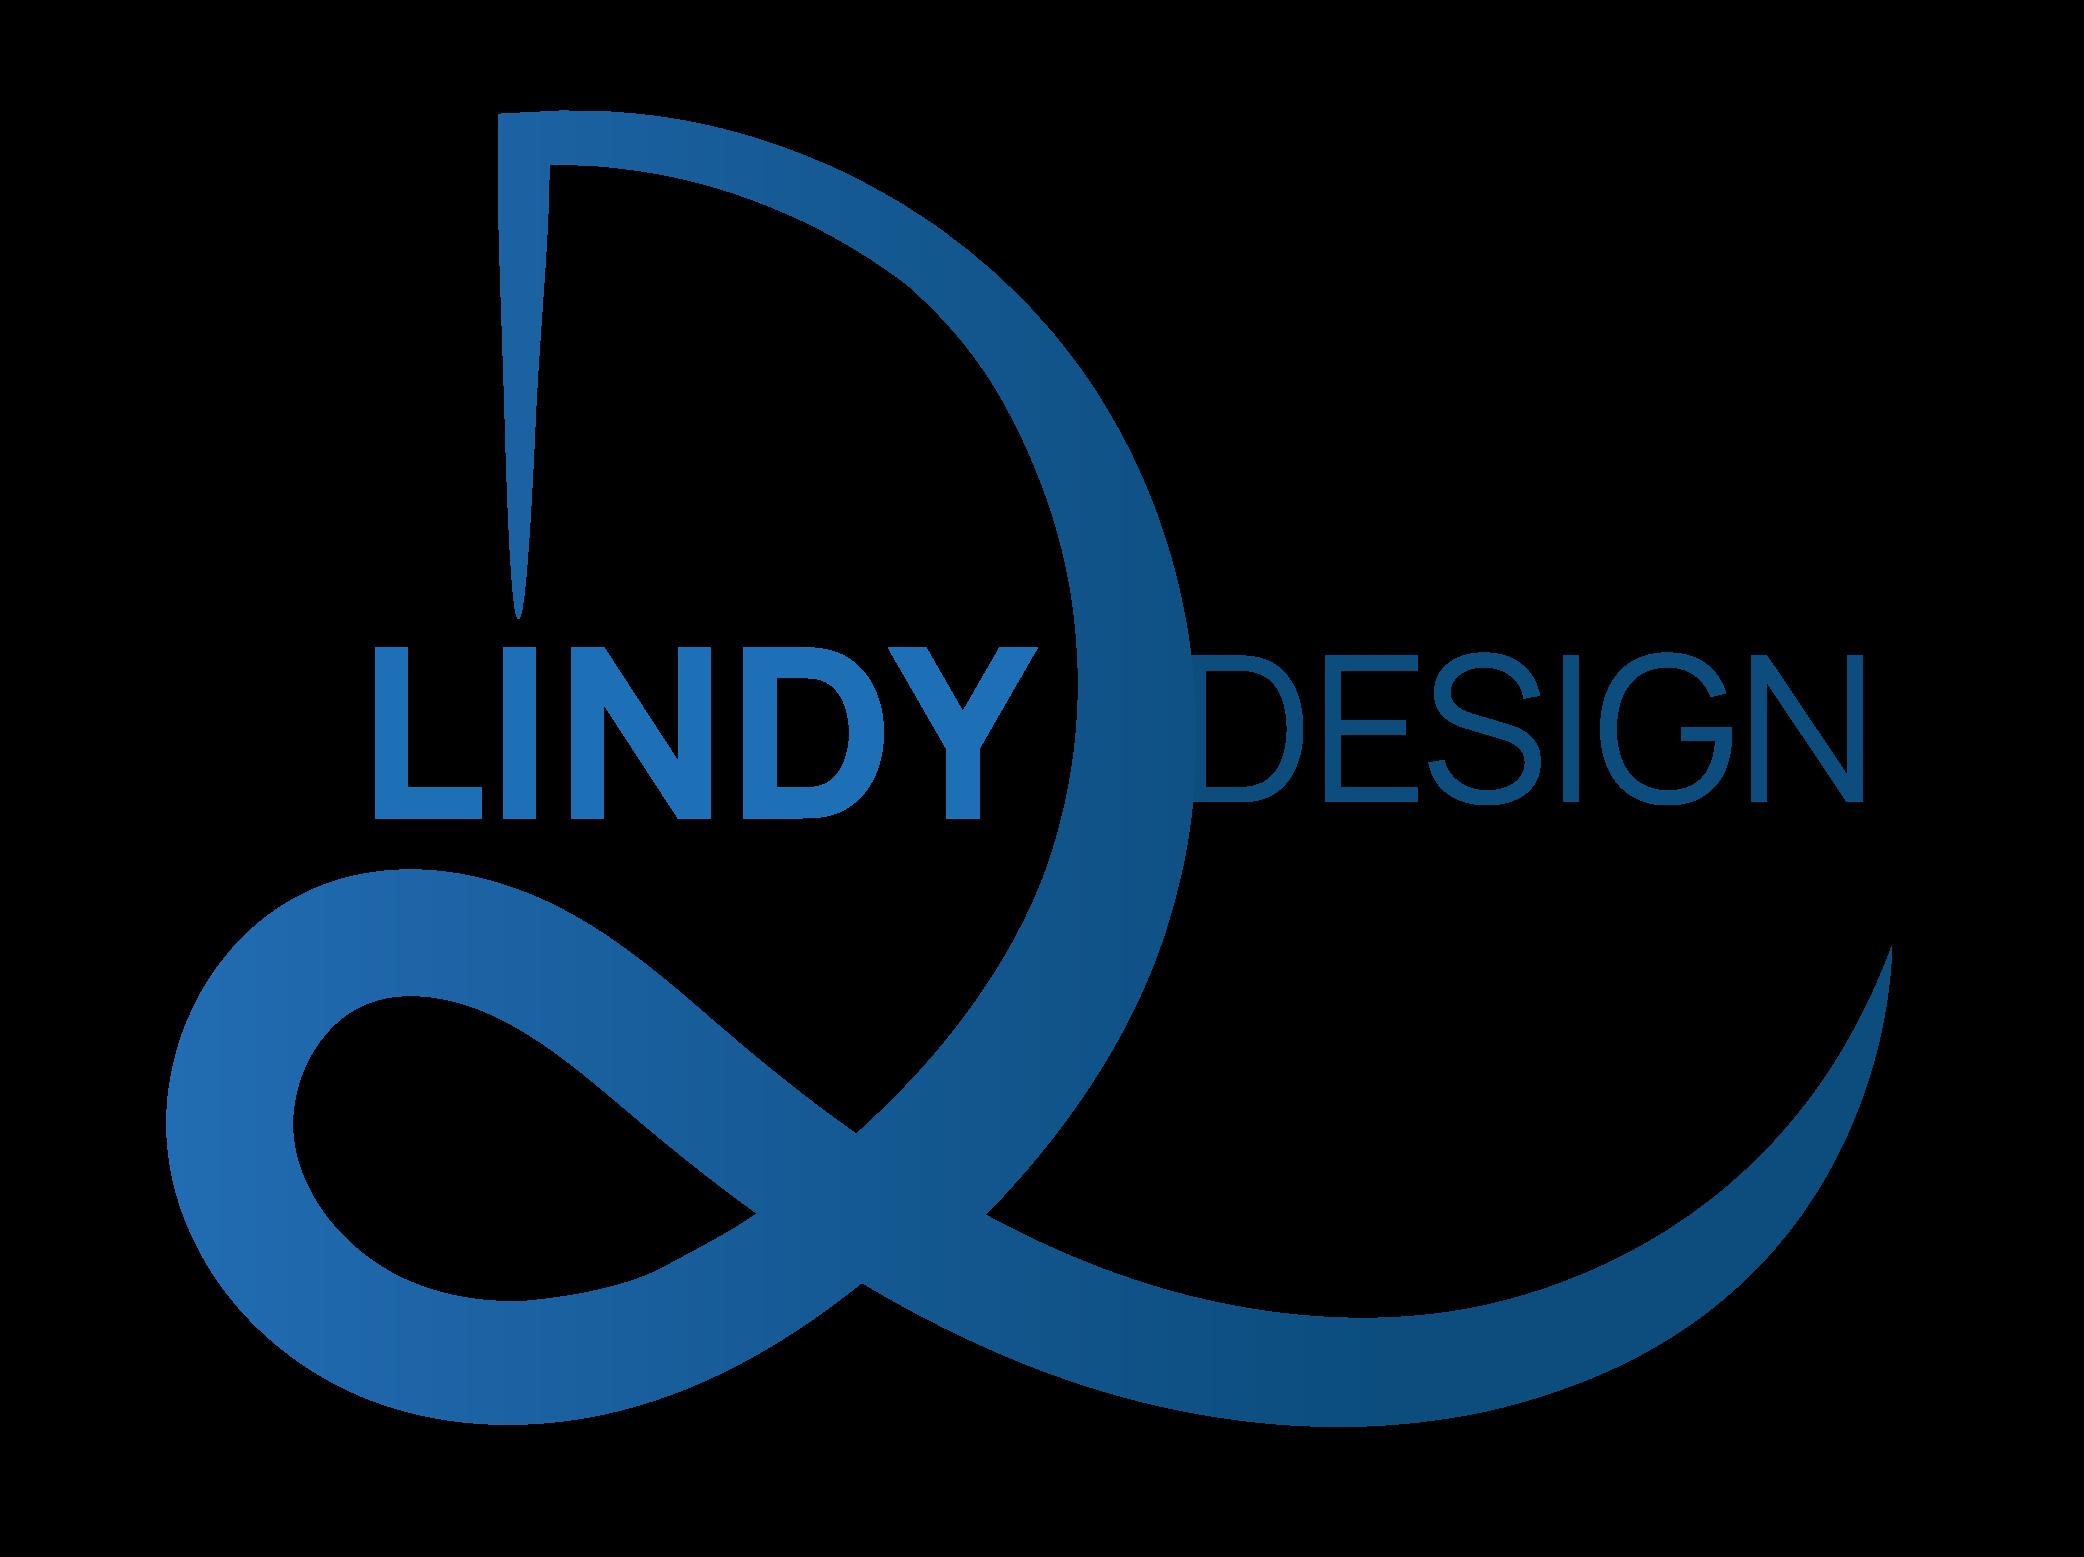 Lindy Design